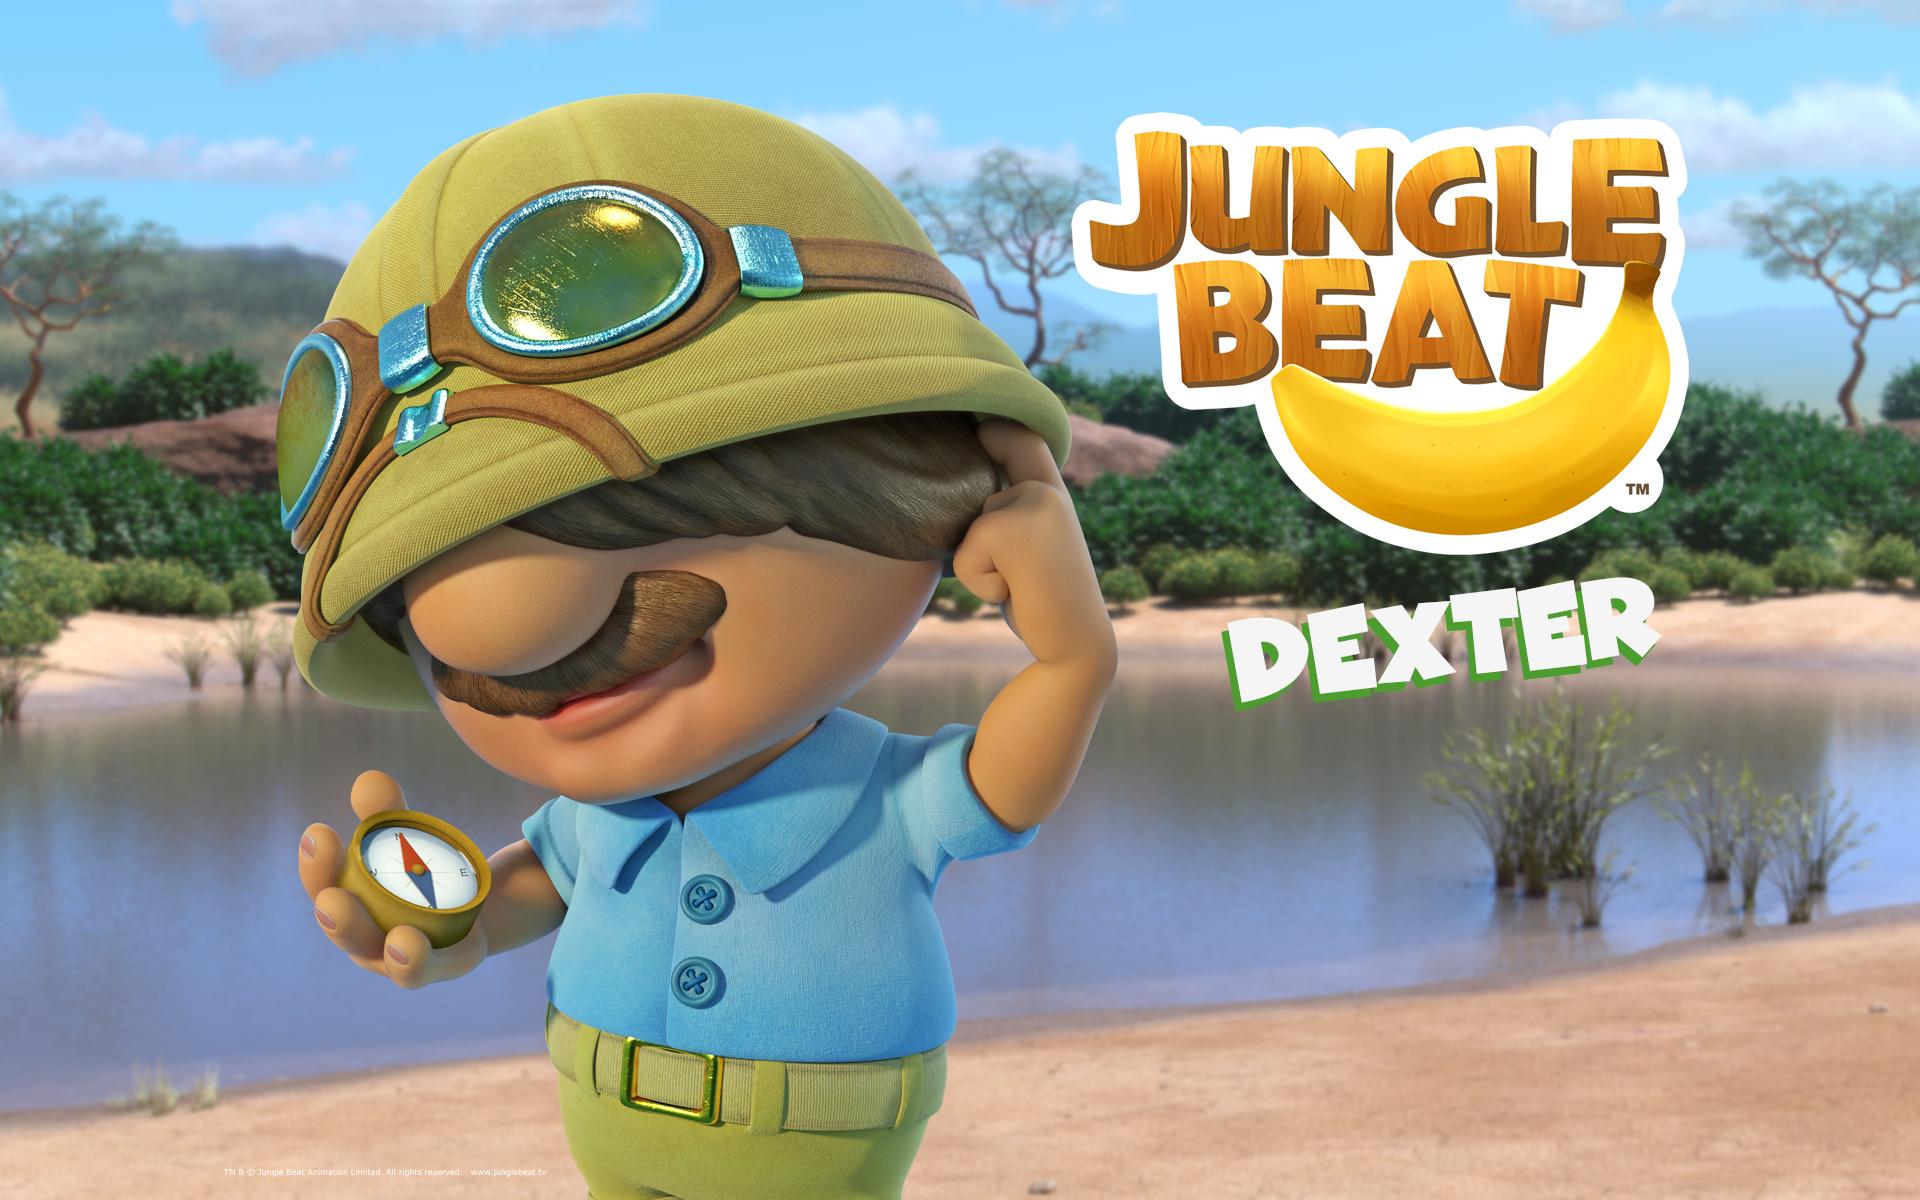 Dexter (Jungle Beat)